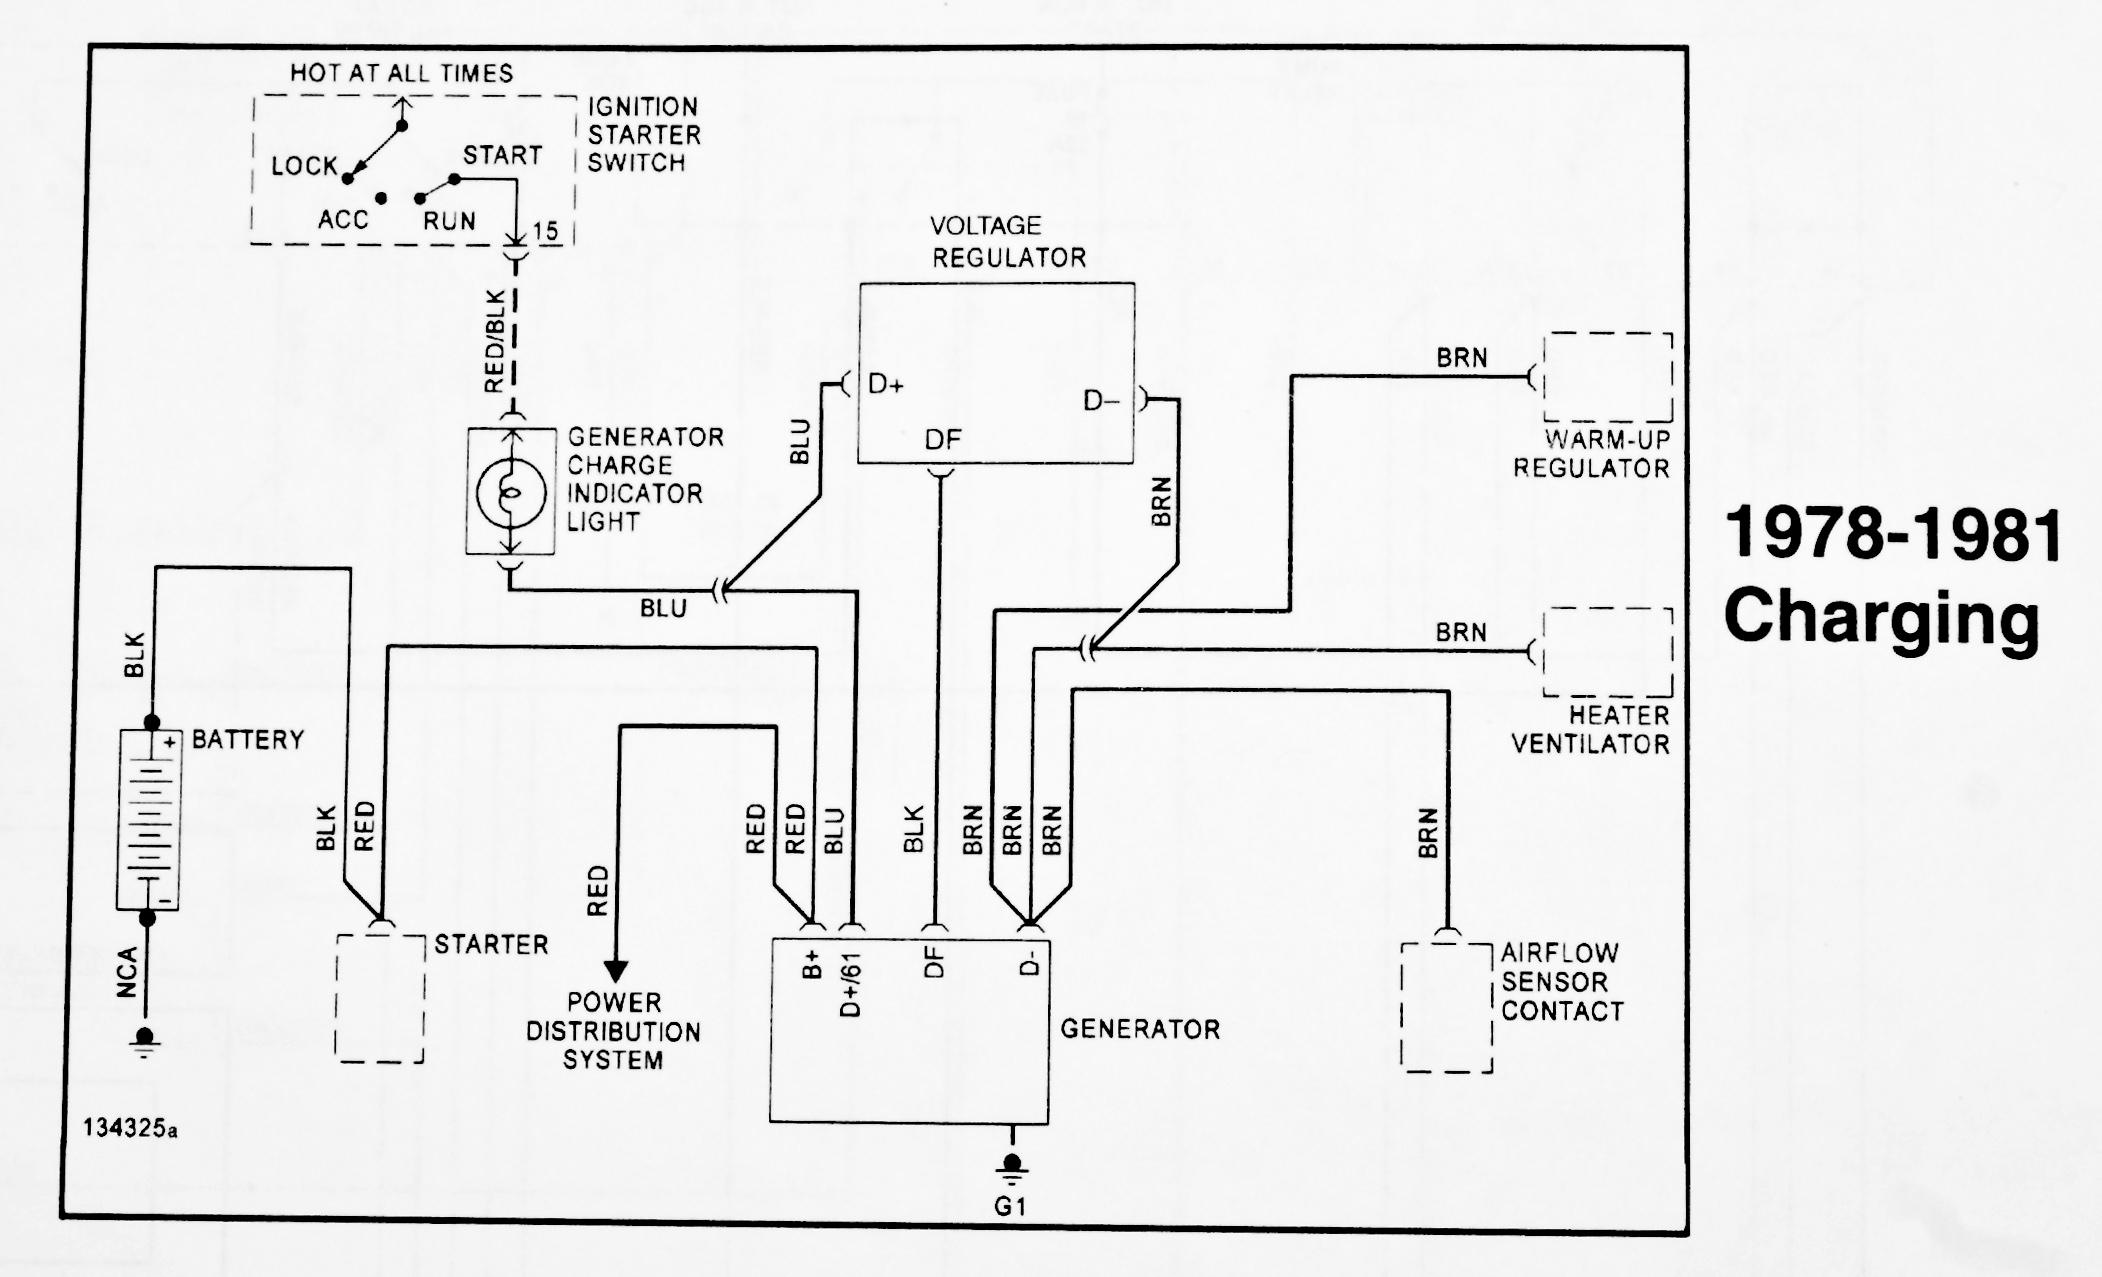 medium resolution of 1979 porsche 924 wiring alternator wiring diagrams konsult porsche 928 wiring diagram 1978